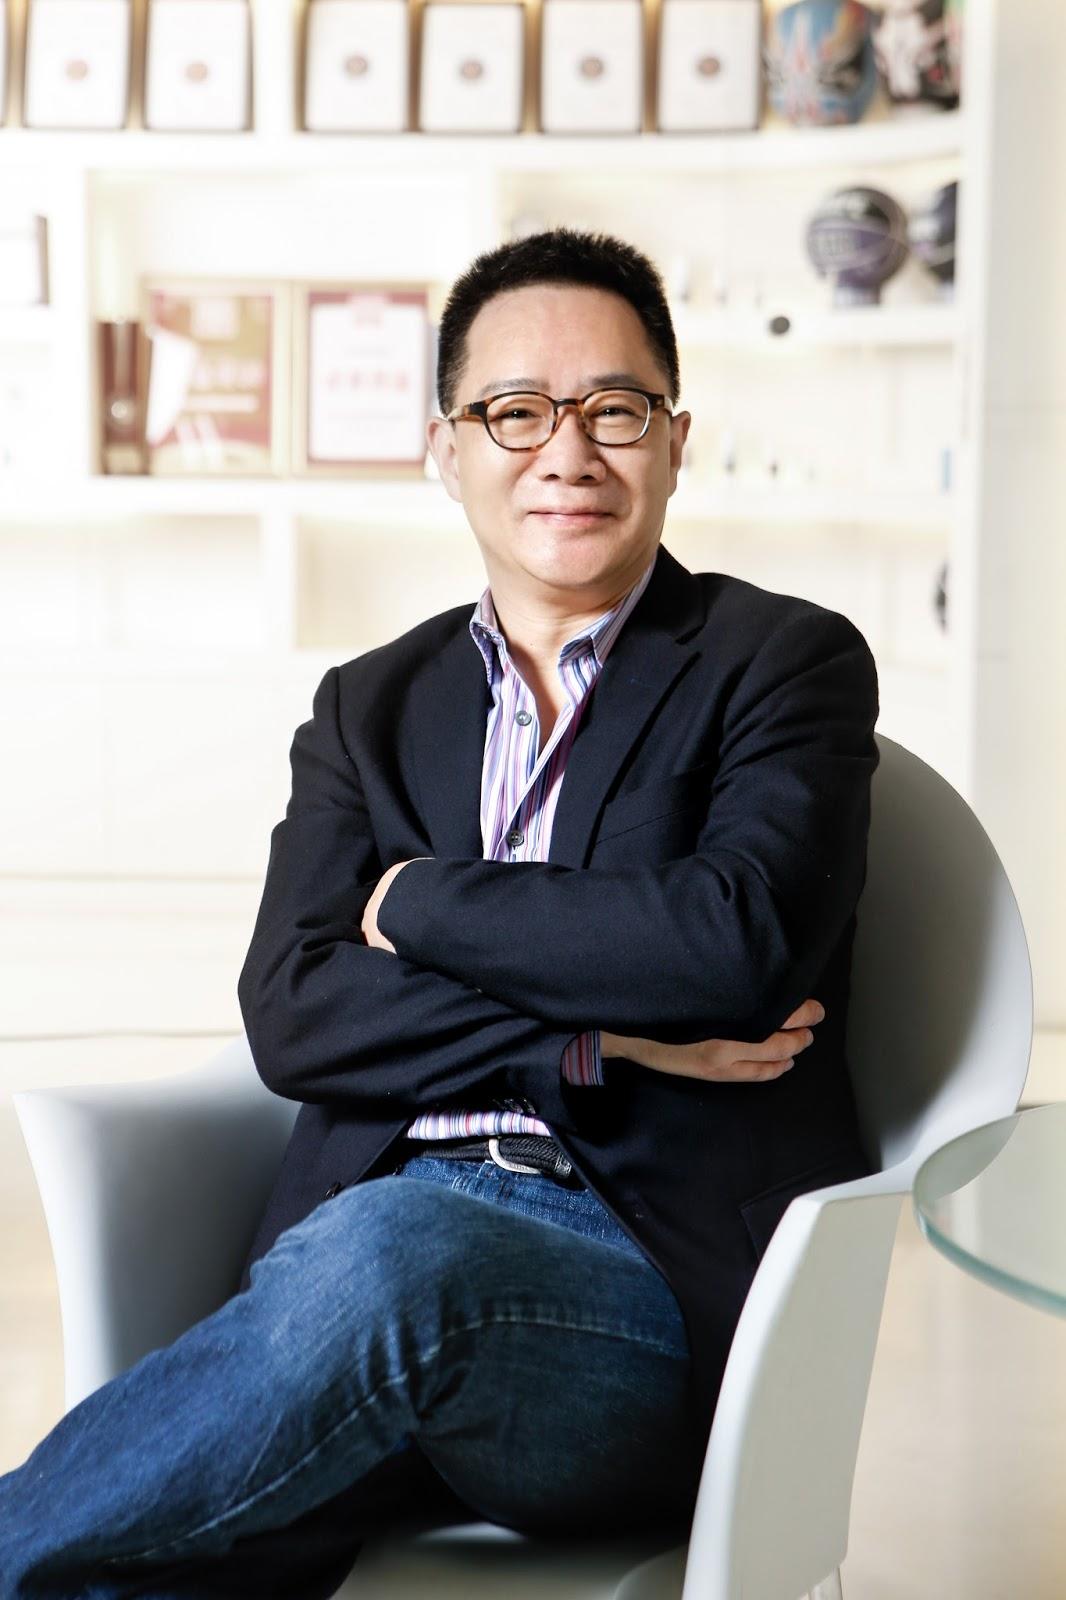 Adm廣告雜誌|Digital x Creative: IAA國際廣告協會理監事改選 黃逸甫蟬連理事長